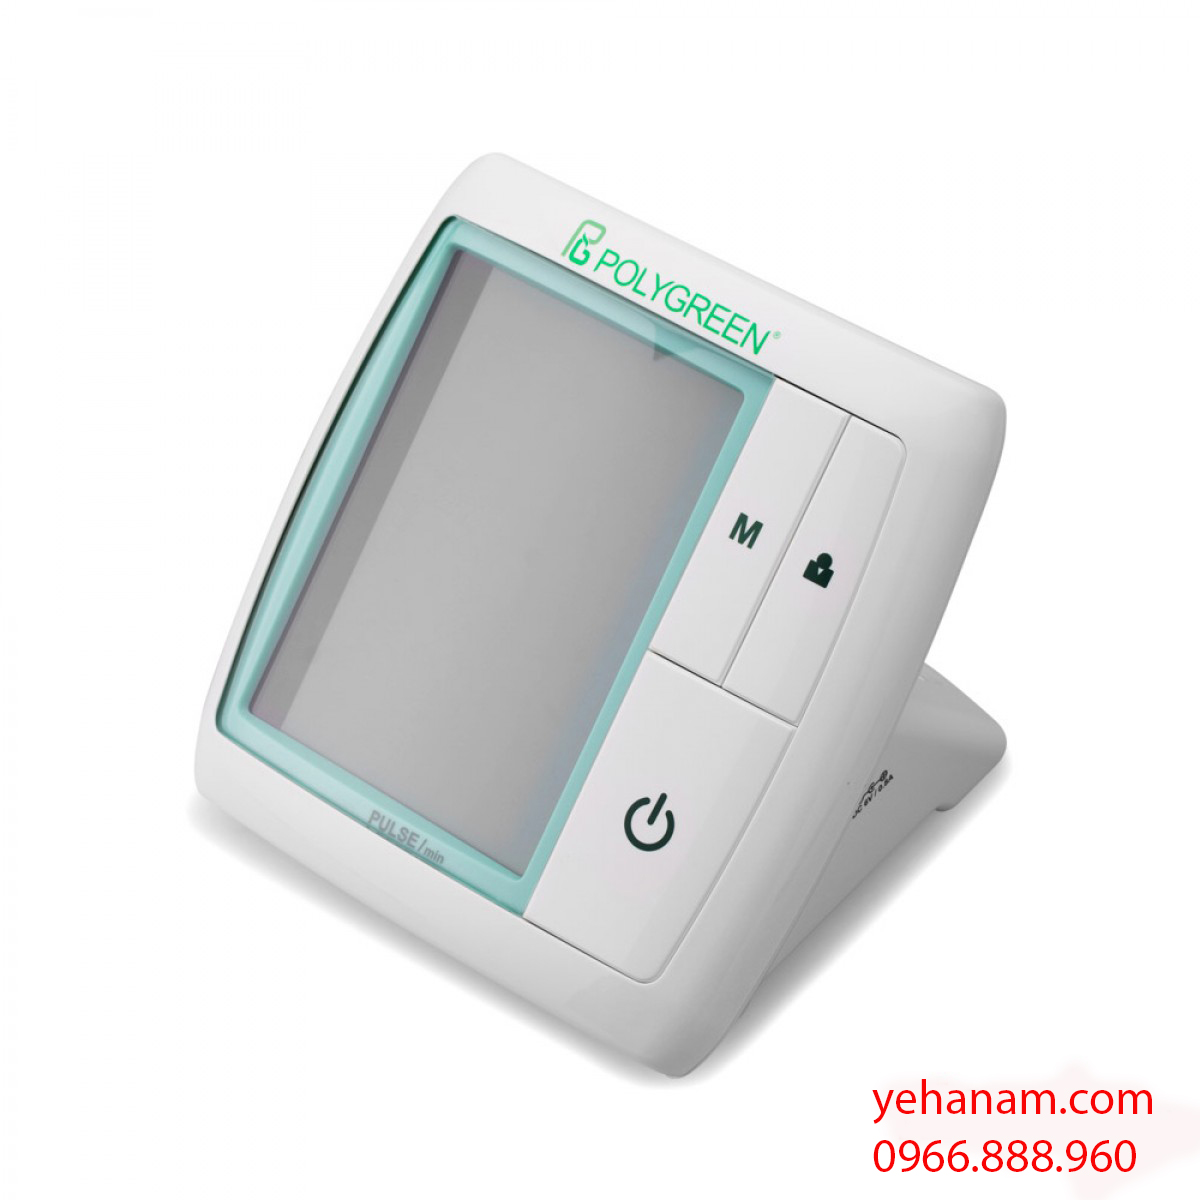 Máy đo huyết áp bắp tay Polygreen KP-7670